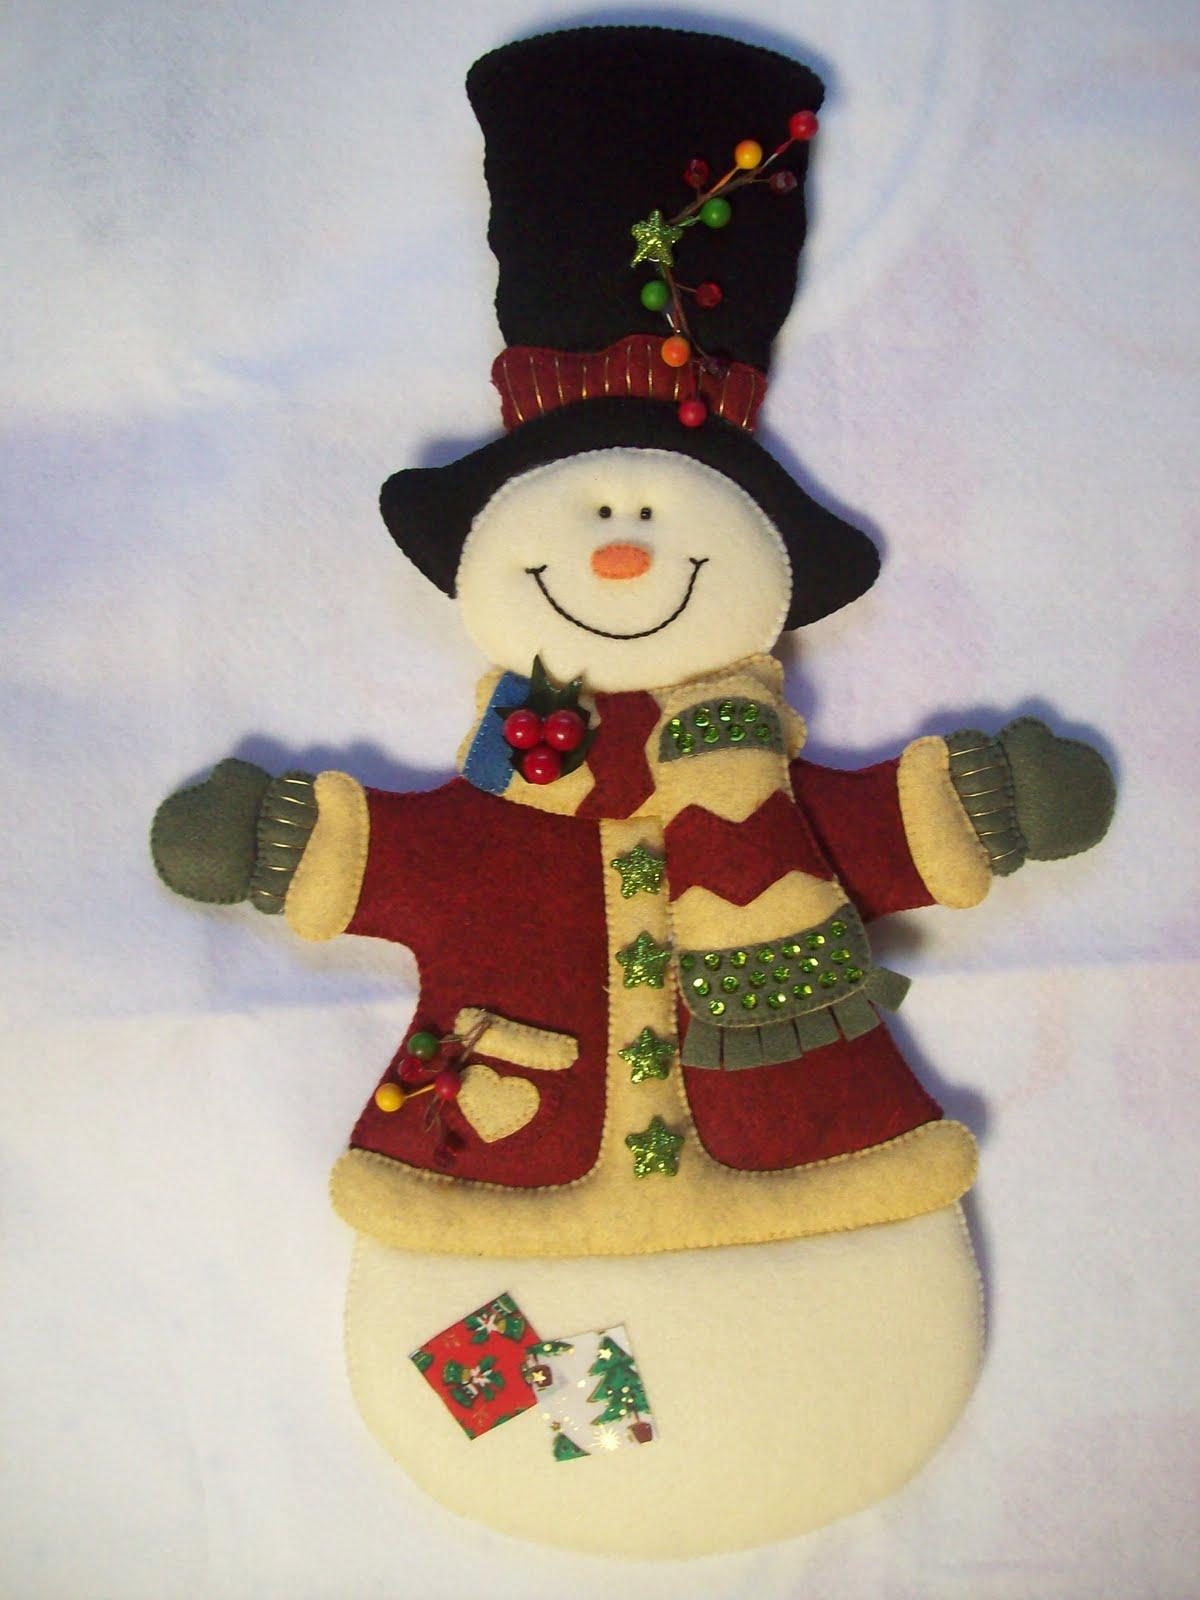 Shexeldetallitos blog de manualidades noviembre 2011 - Figuras de fieltro para navidad ...